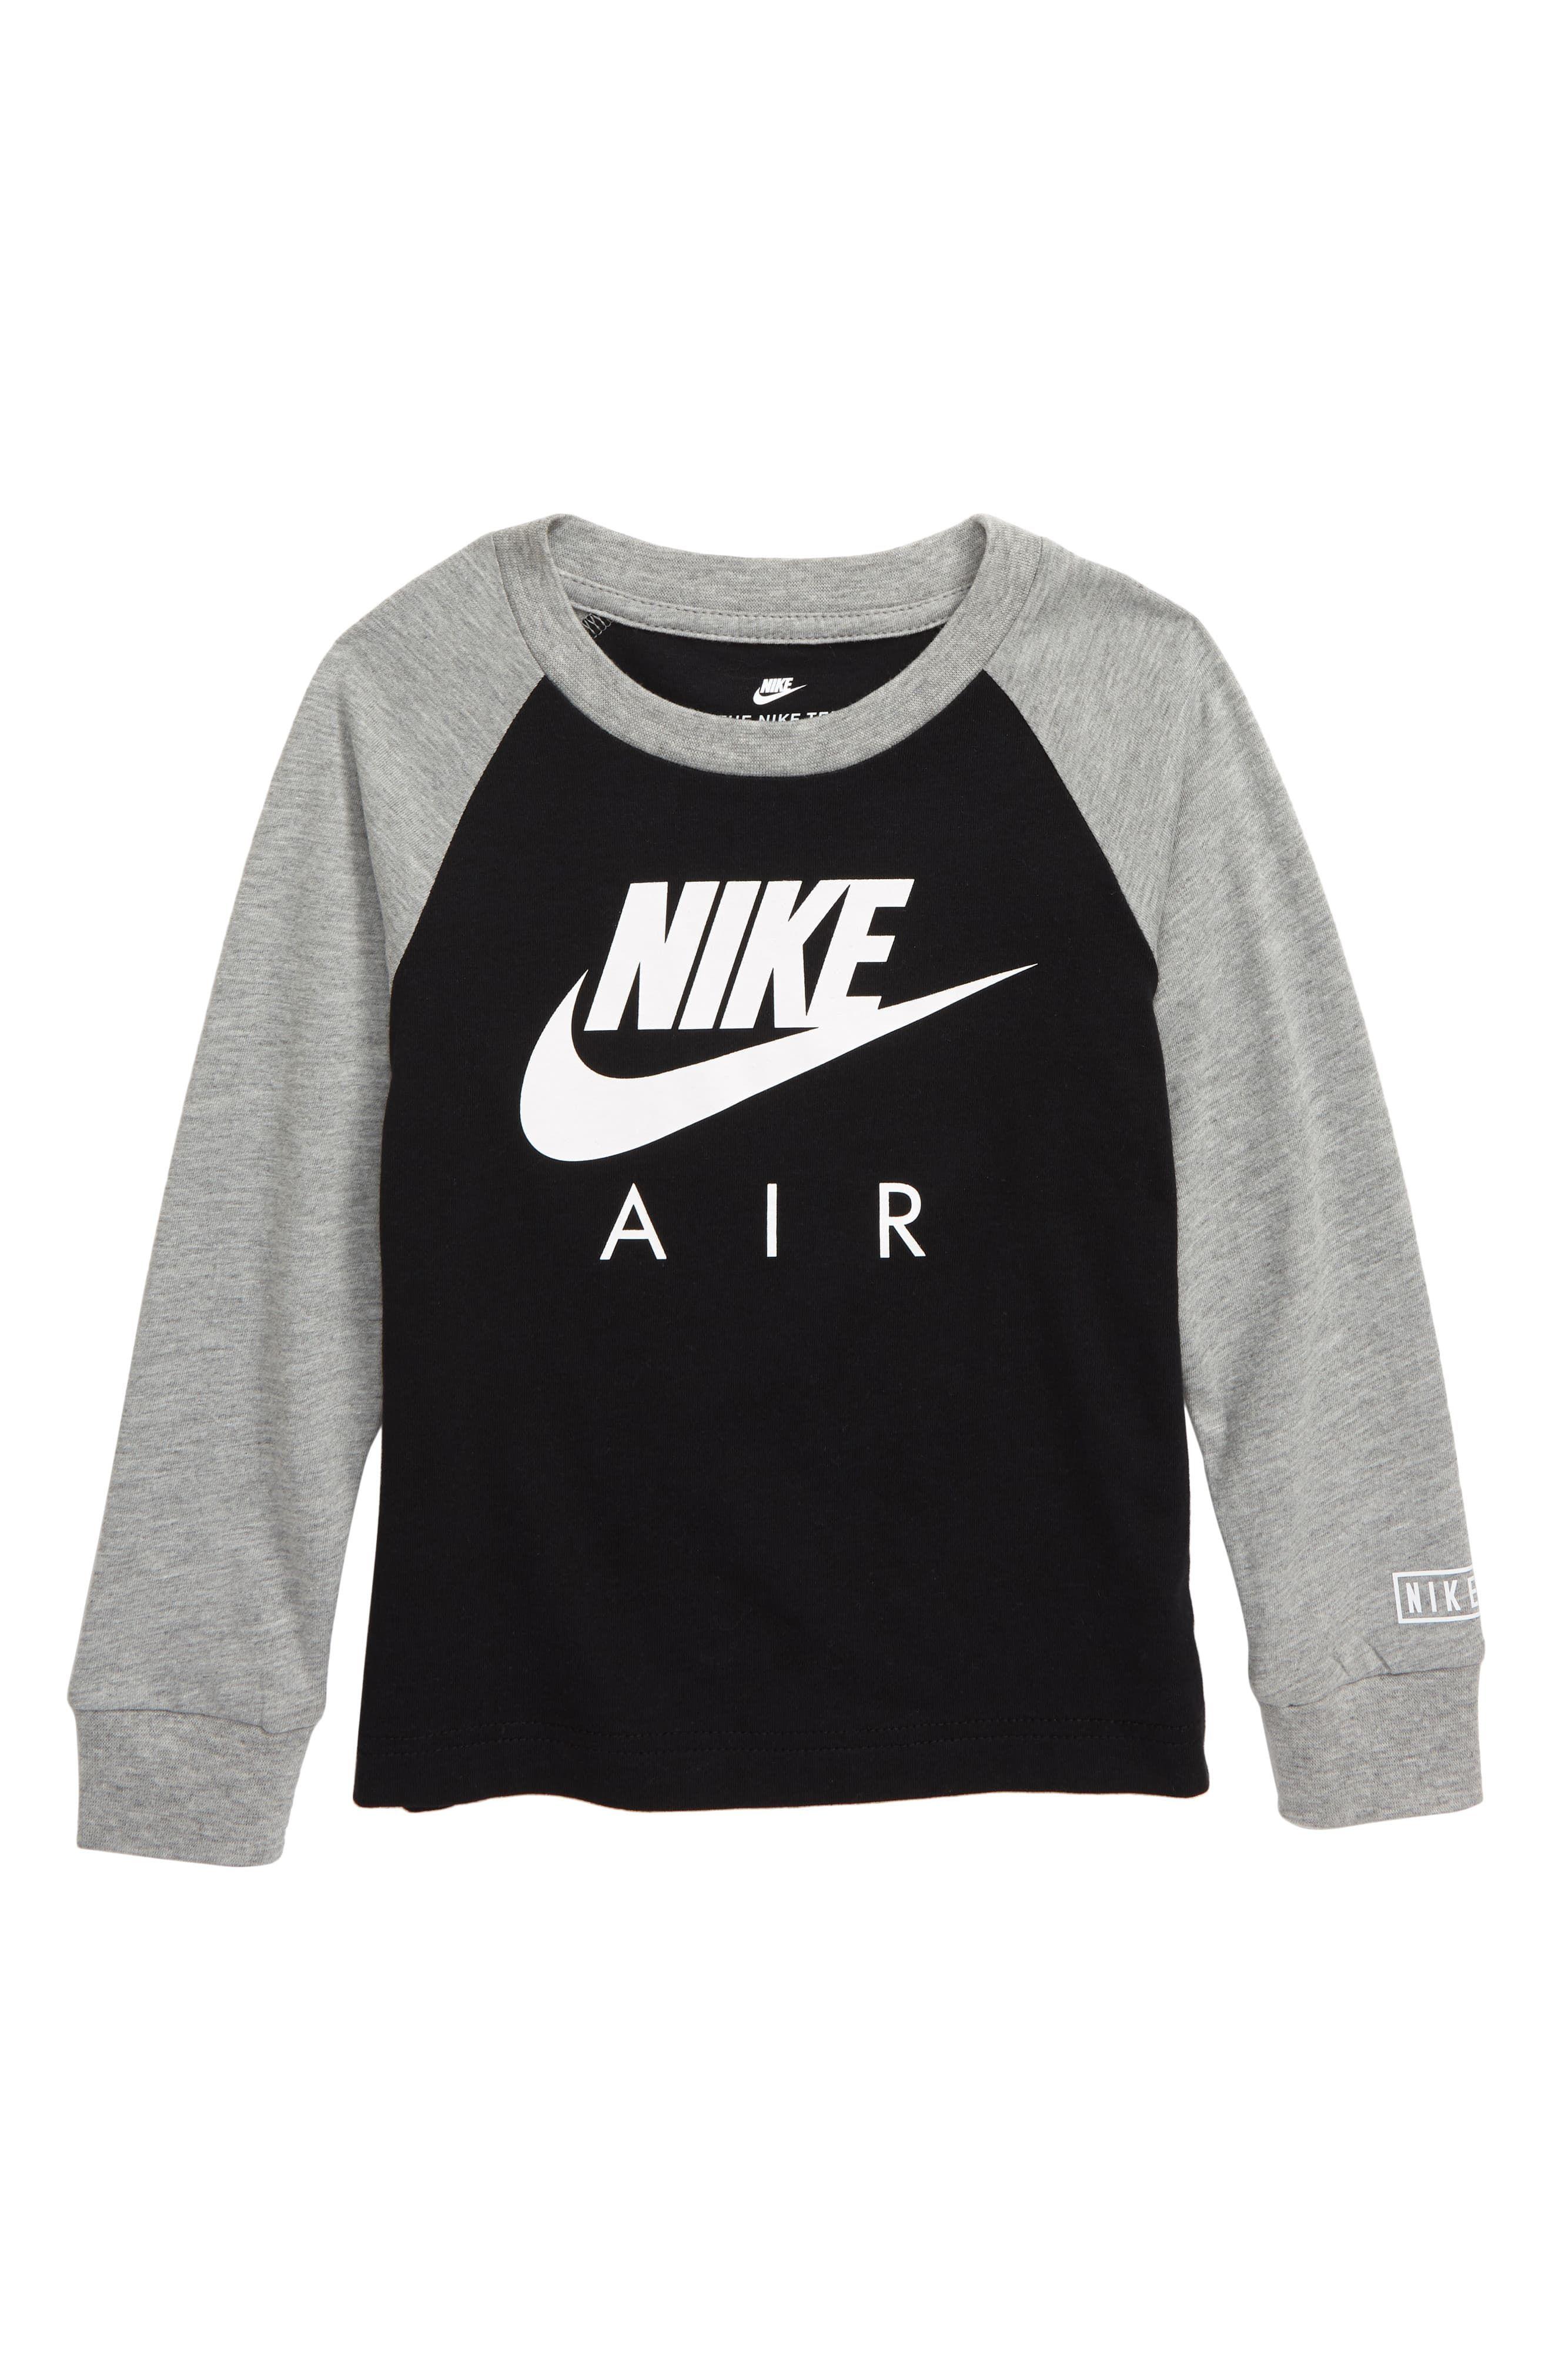 nike shirt 3t